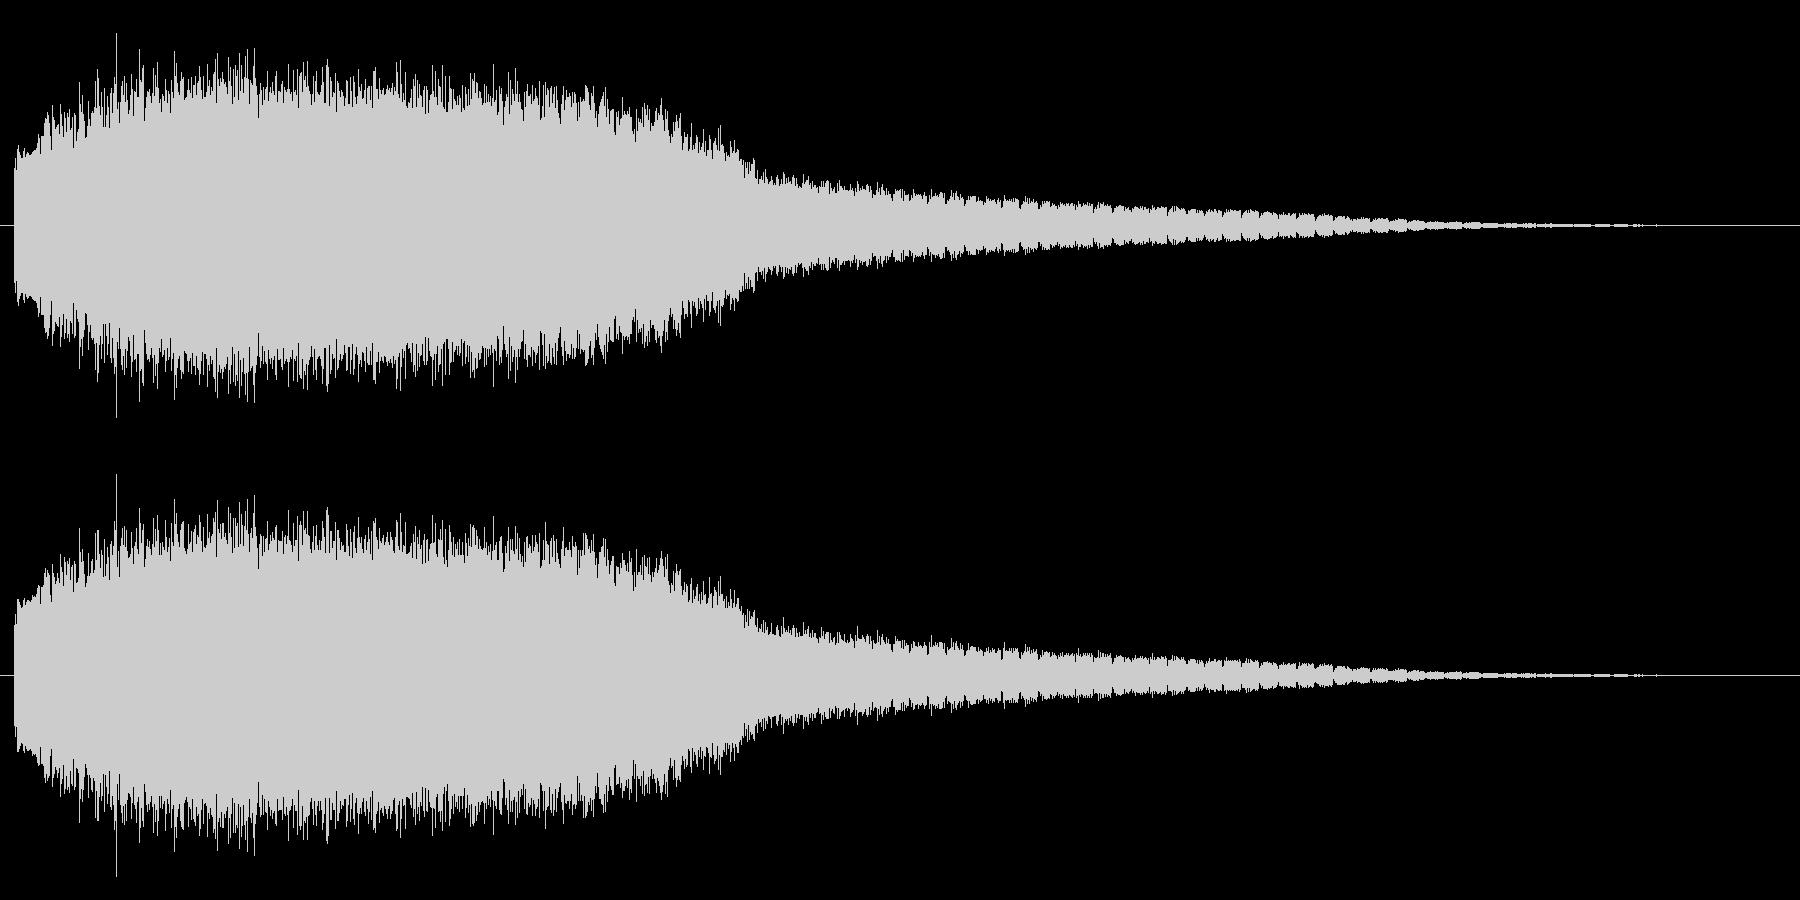 機械 アトナルリズムライザーショート03の未再生の波形